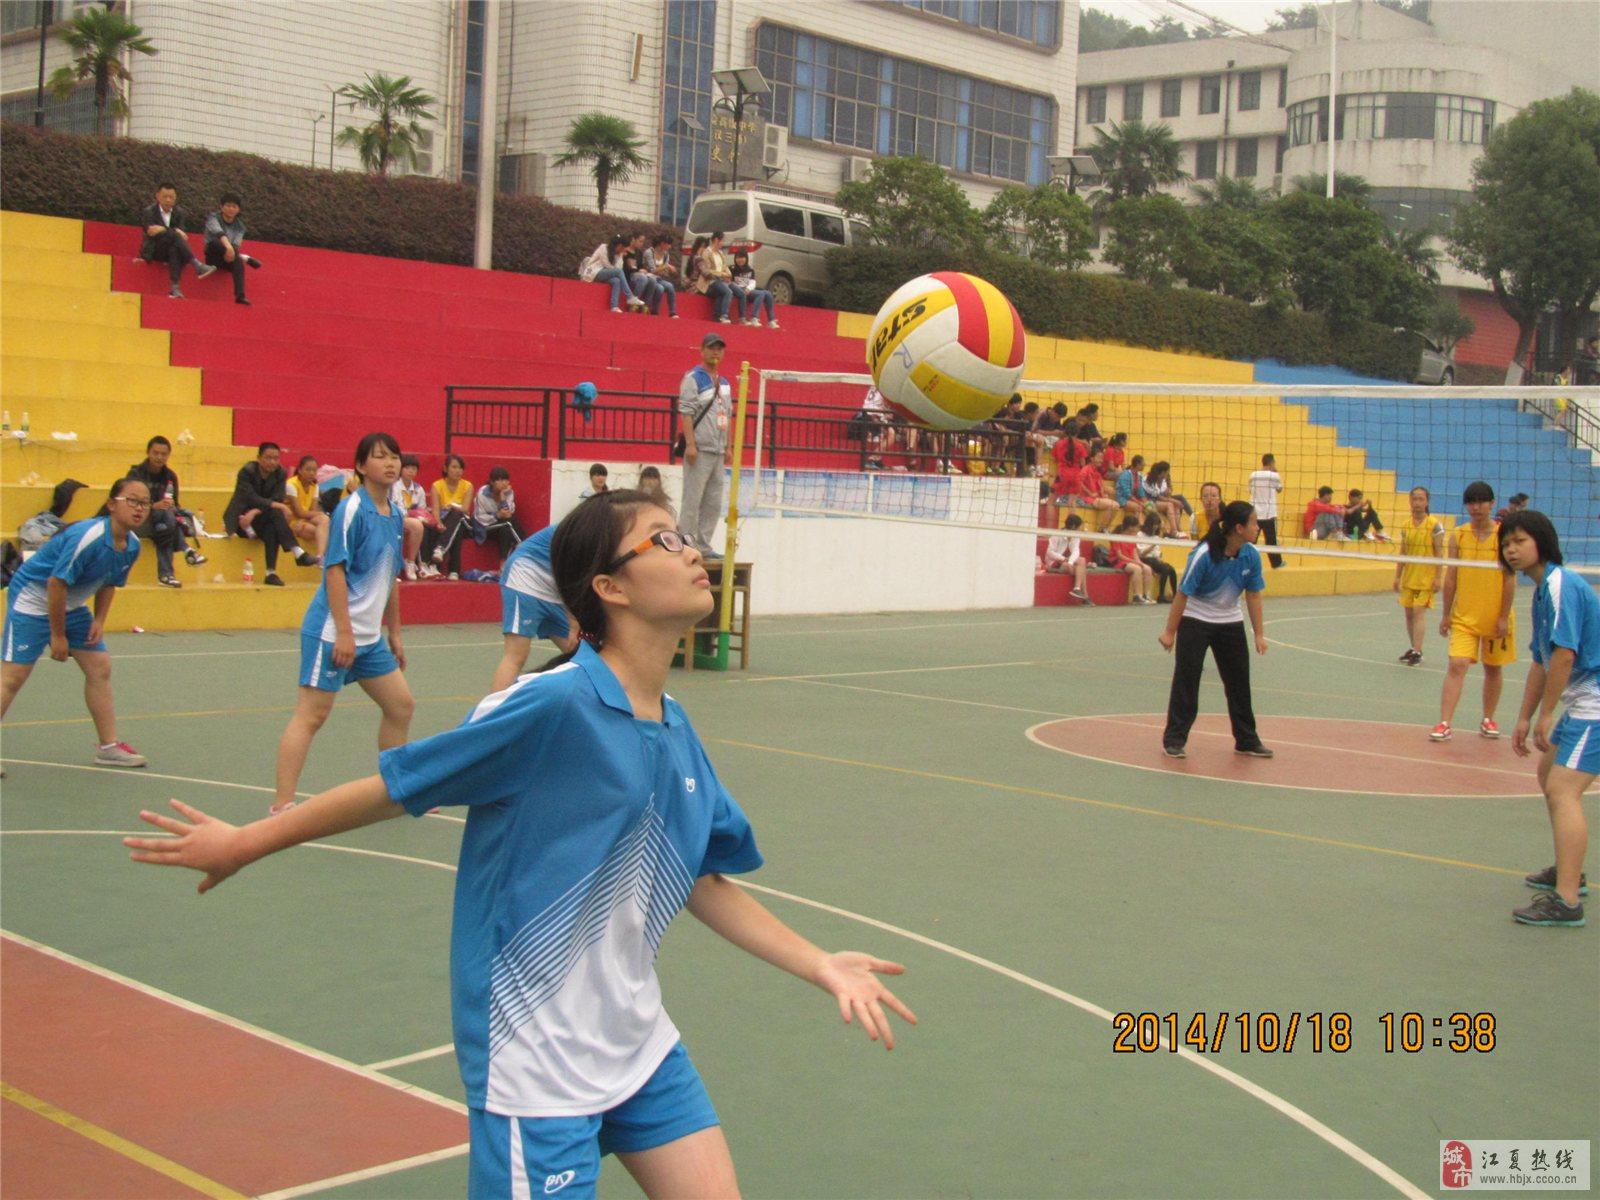 江夏区校园体育节排球比赛